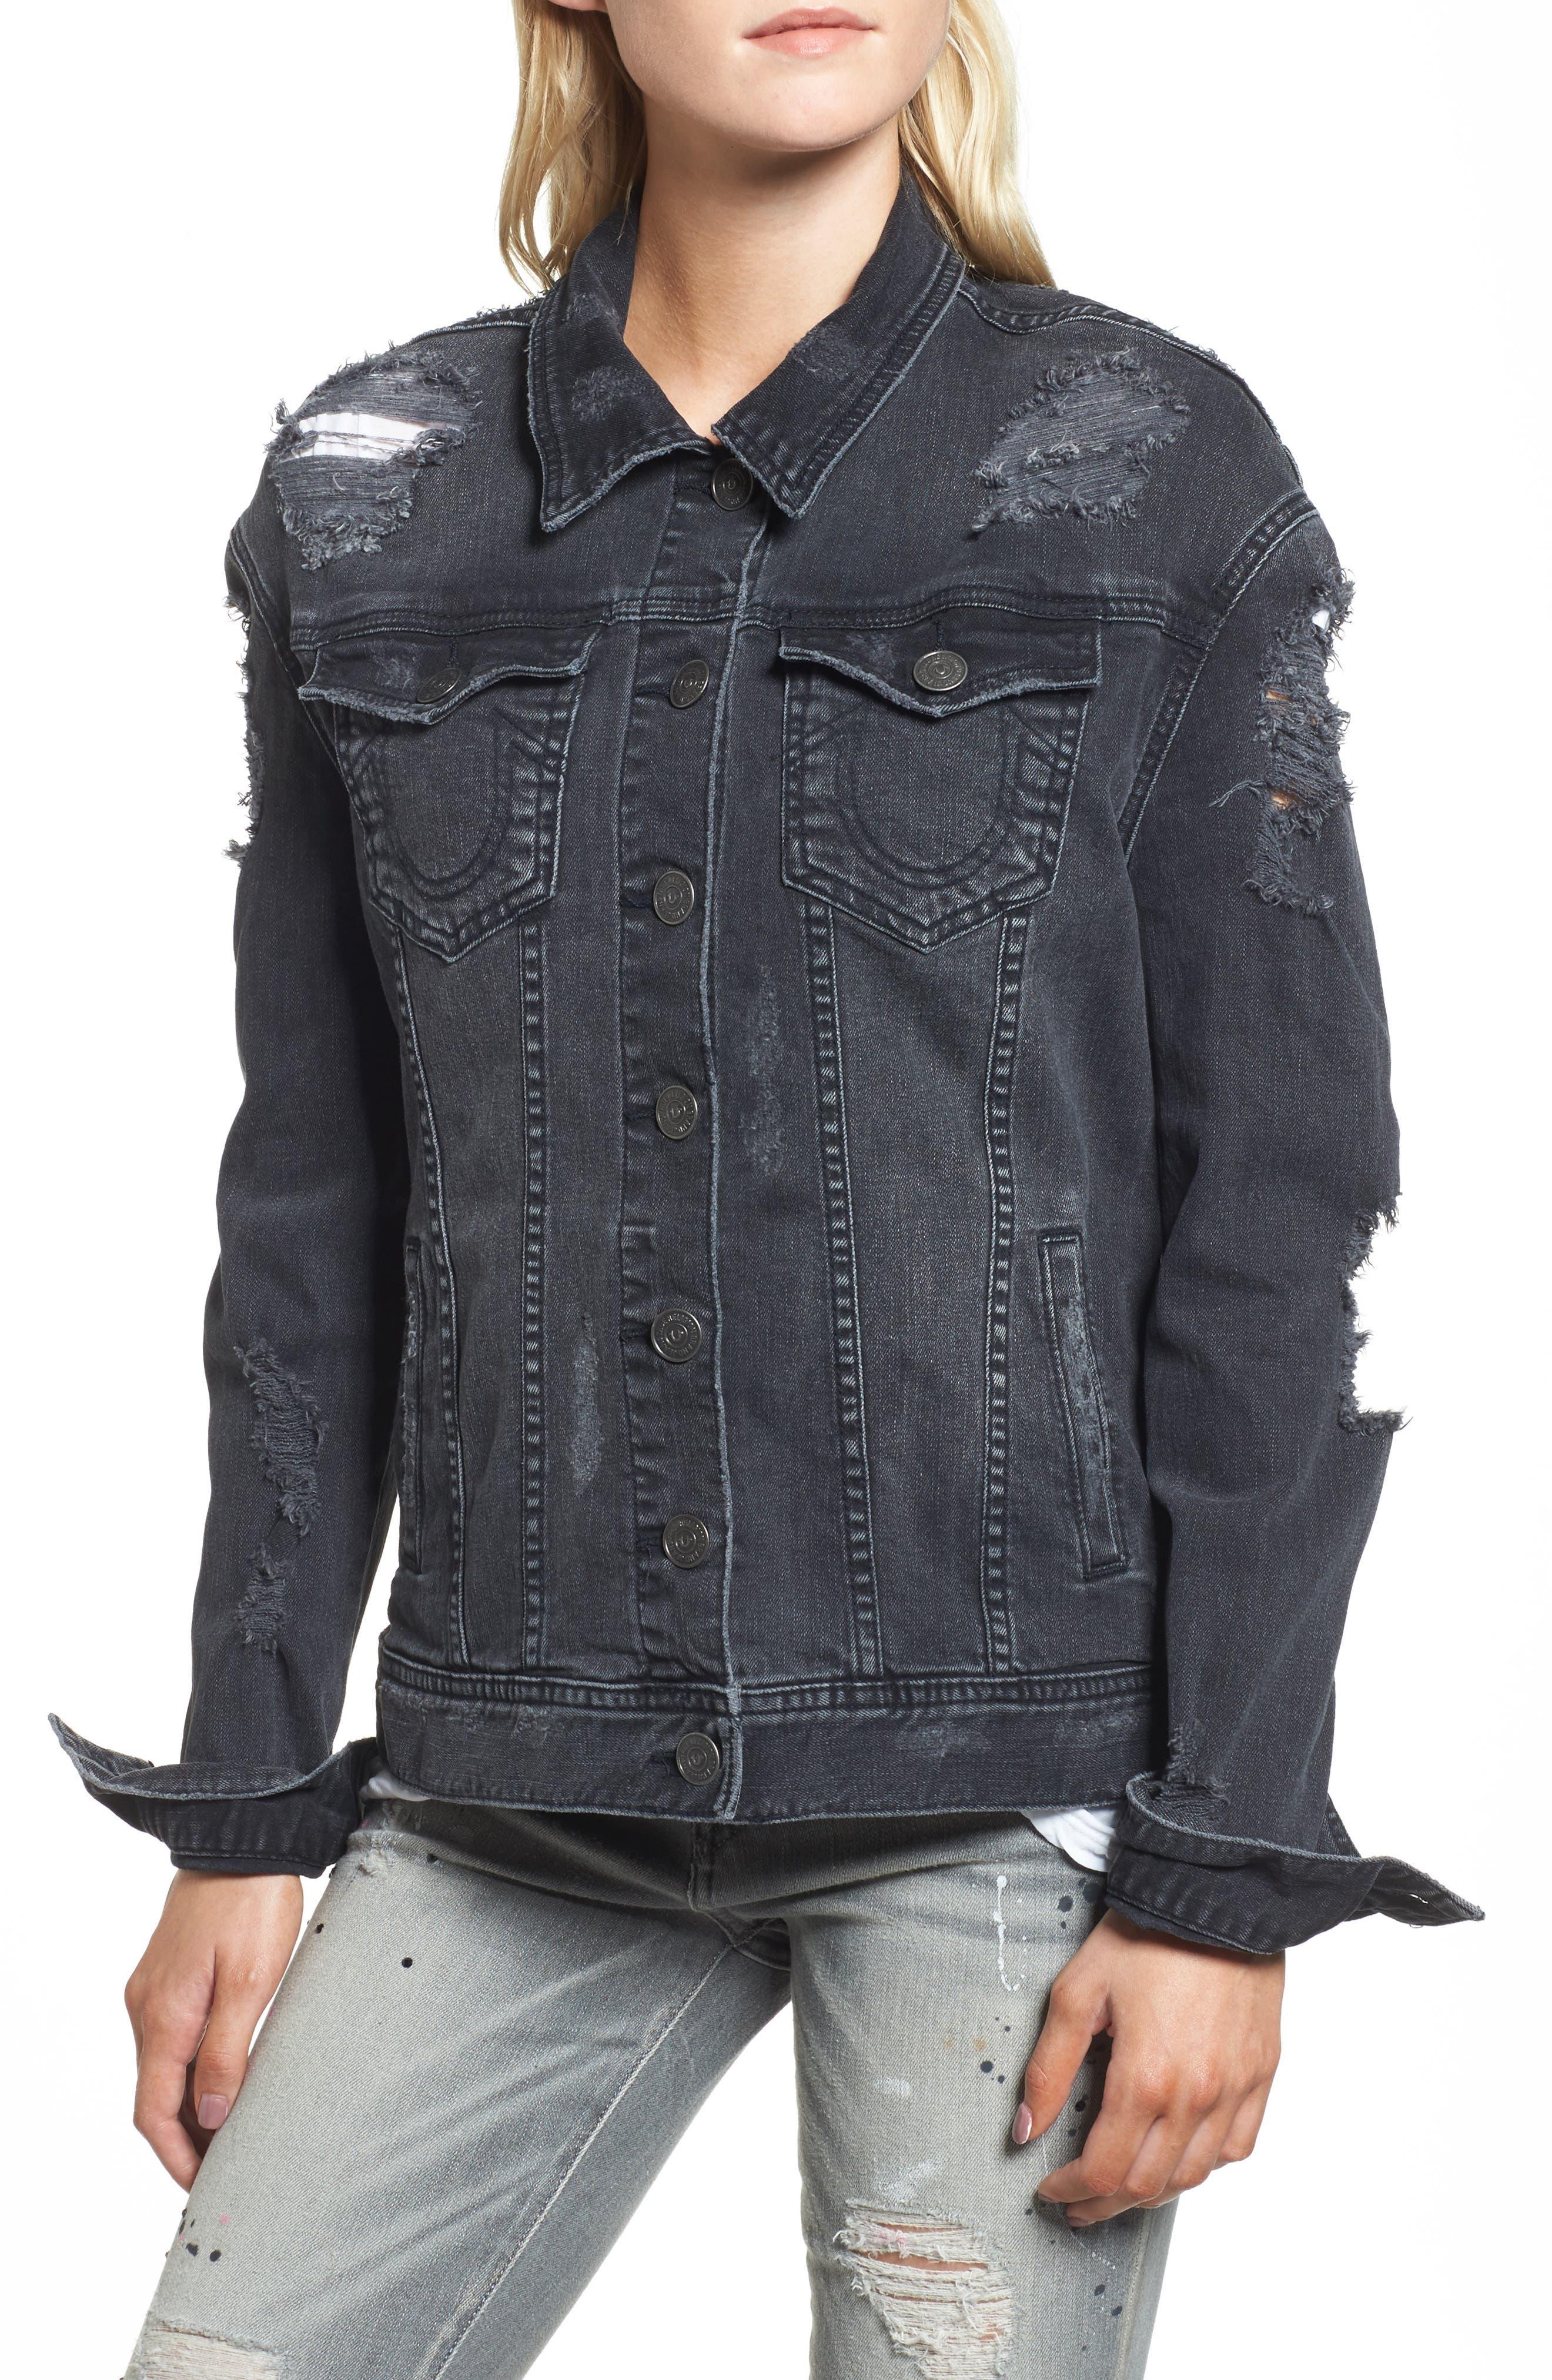 True Religion Danni Destroyed Denim Jacket,                             Alternate thumbnail 4, color,                             Backstage Destroy